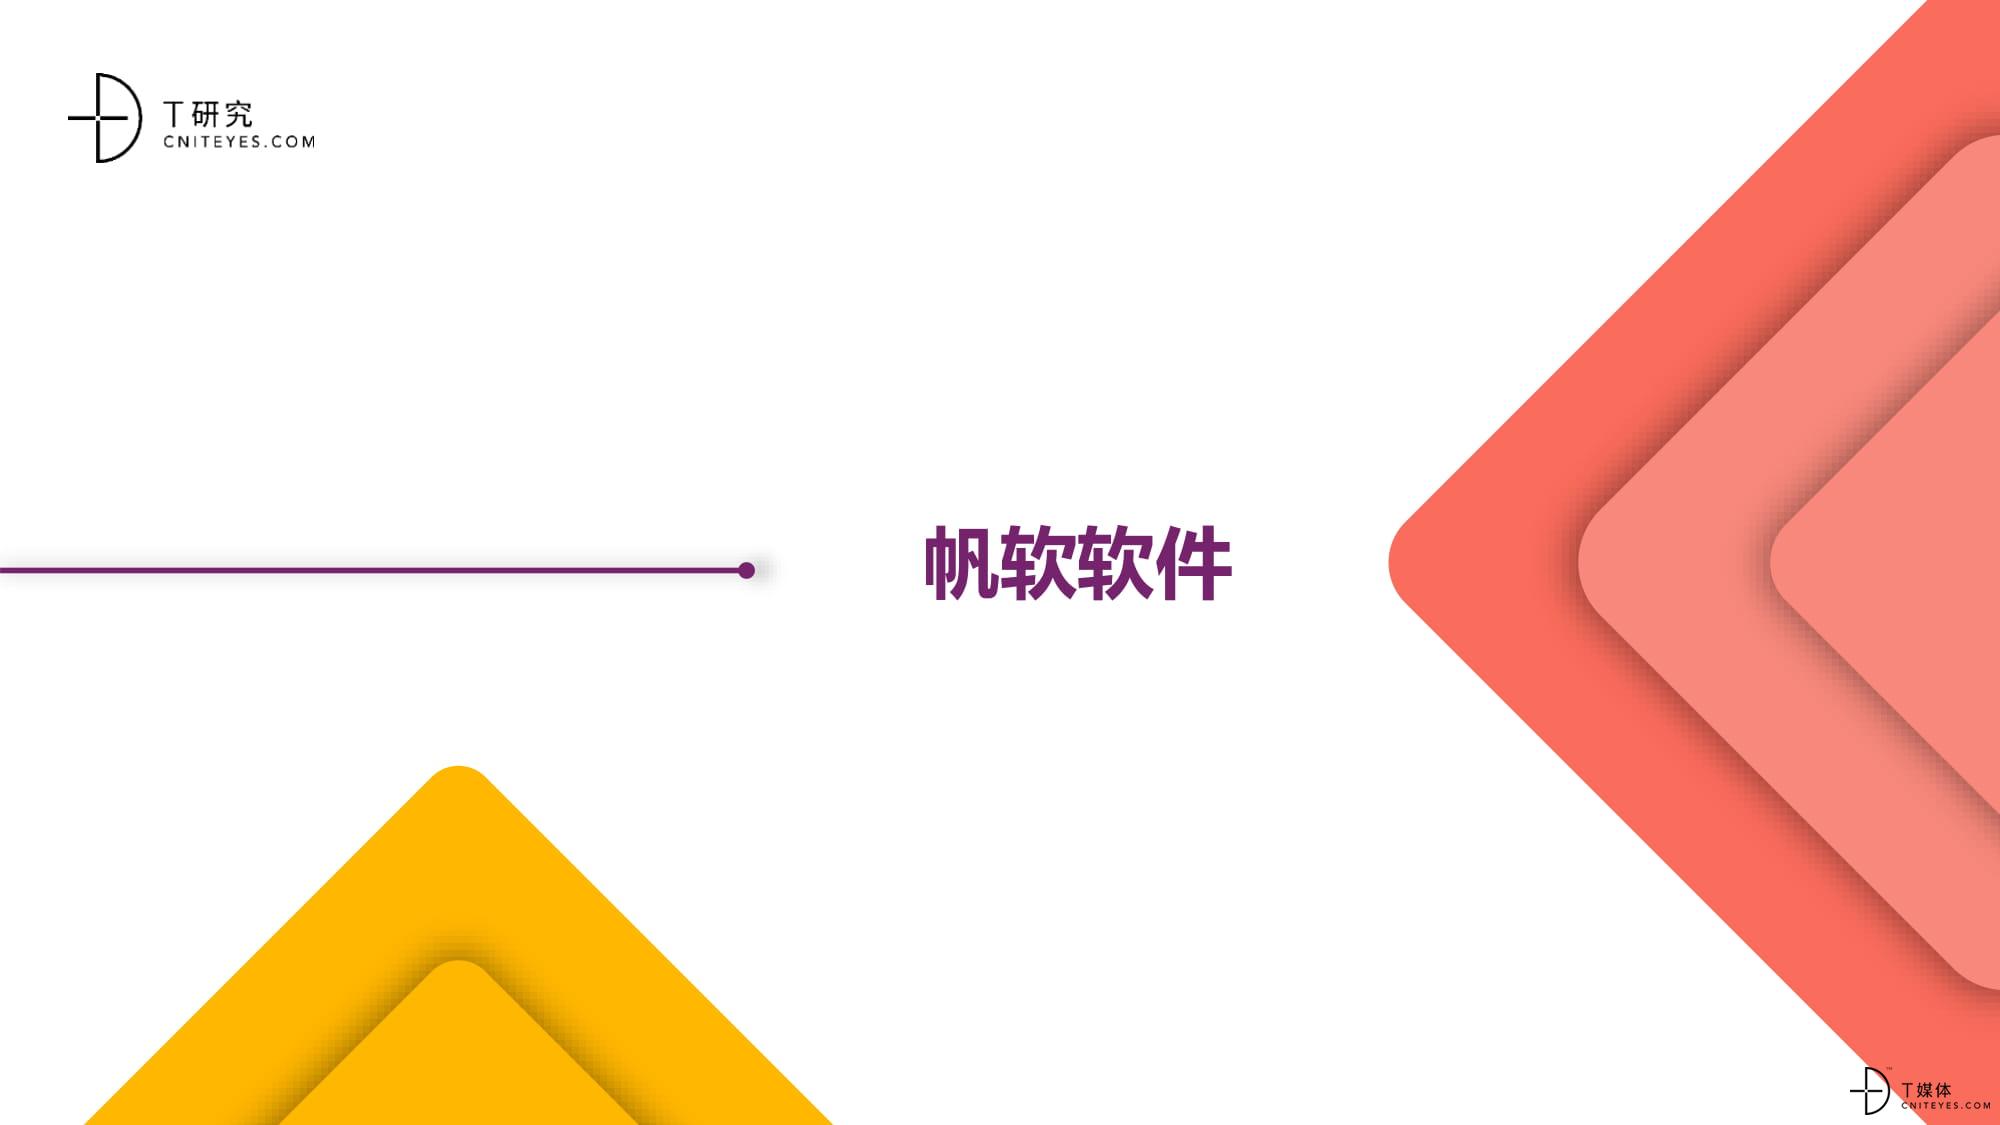 2020中国BI指数测评报告-20.jpg